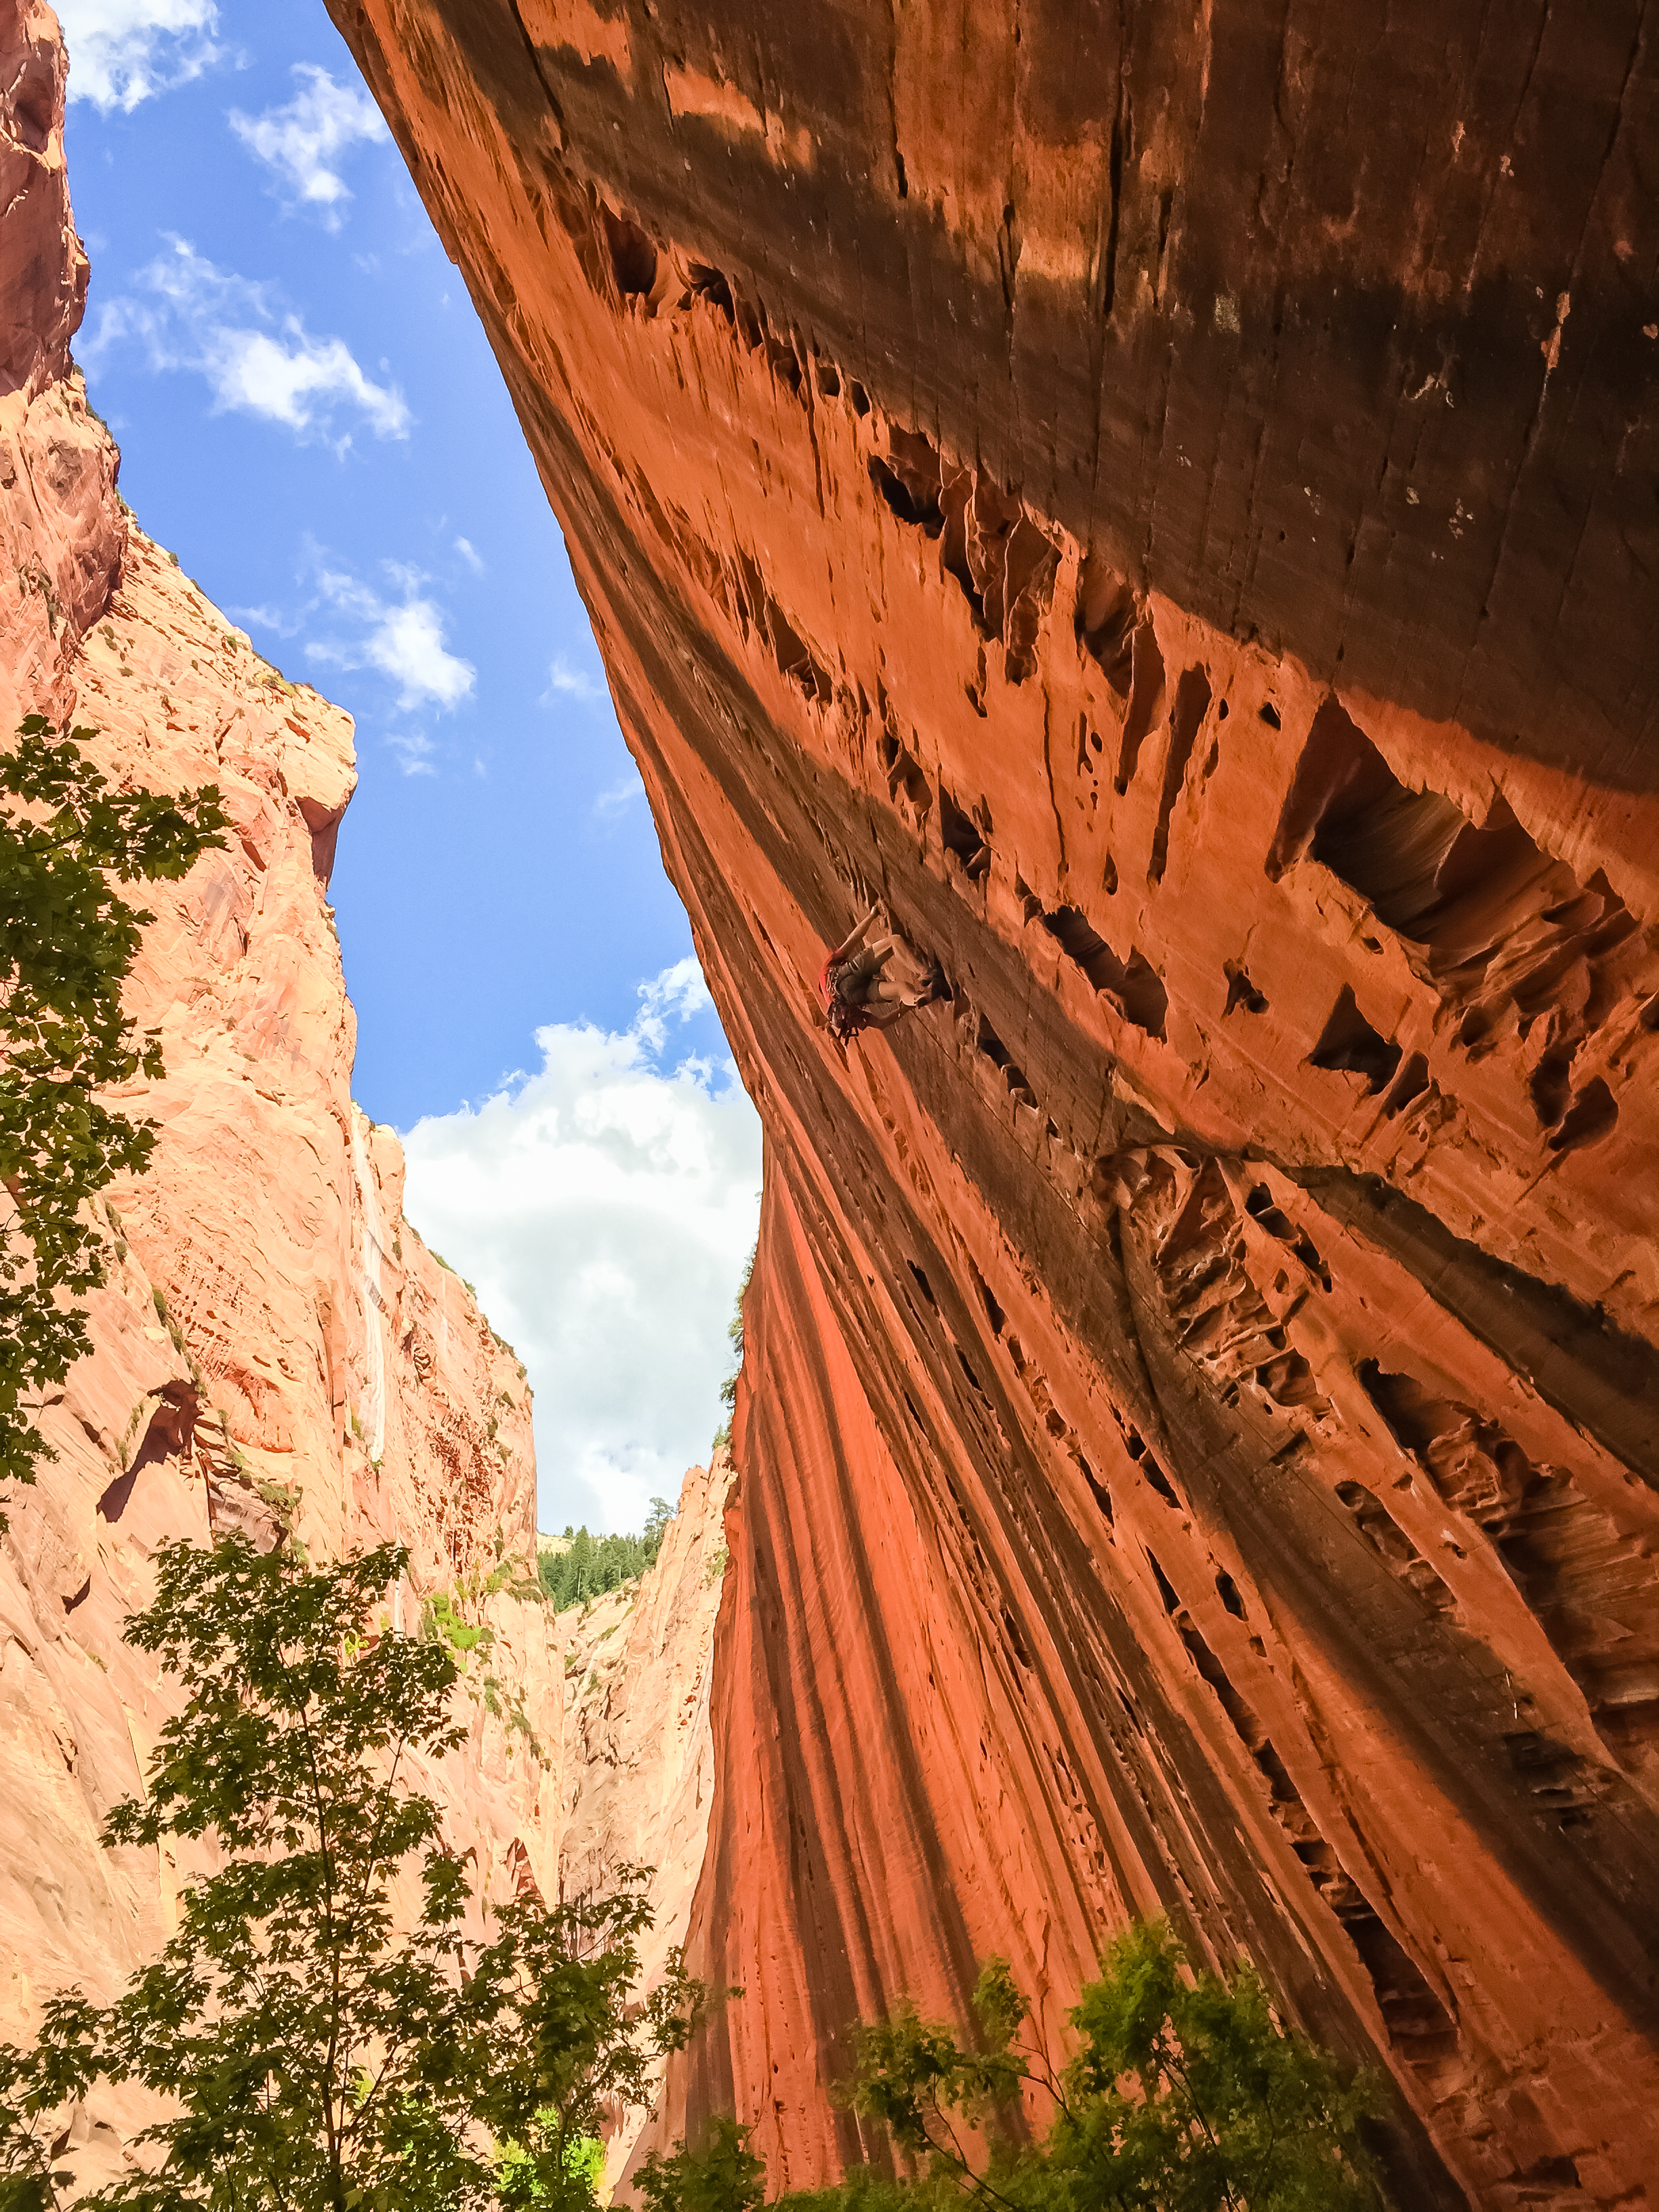 Climber at Namaste Wall